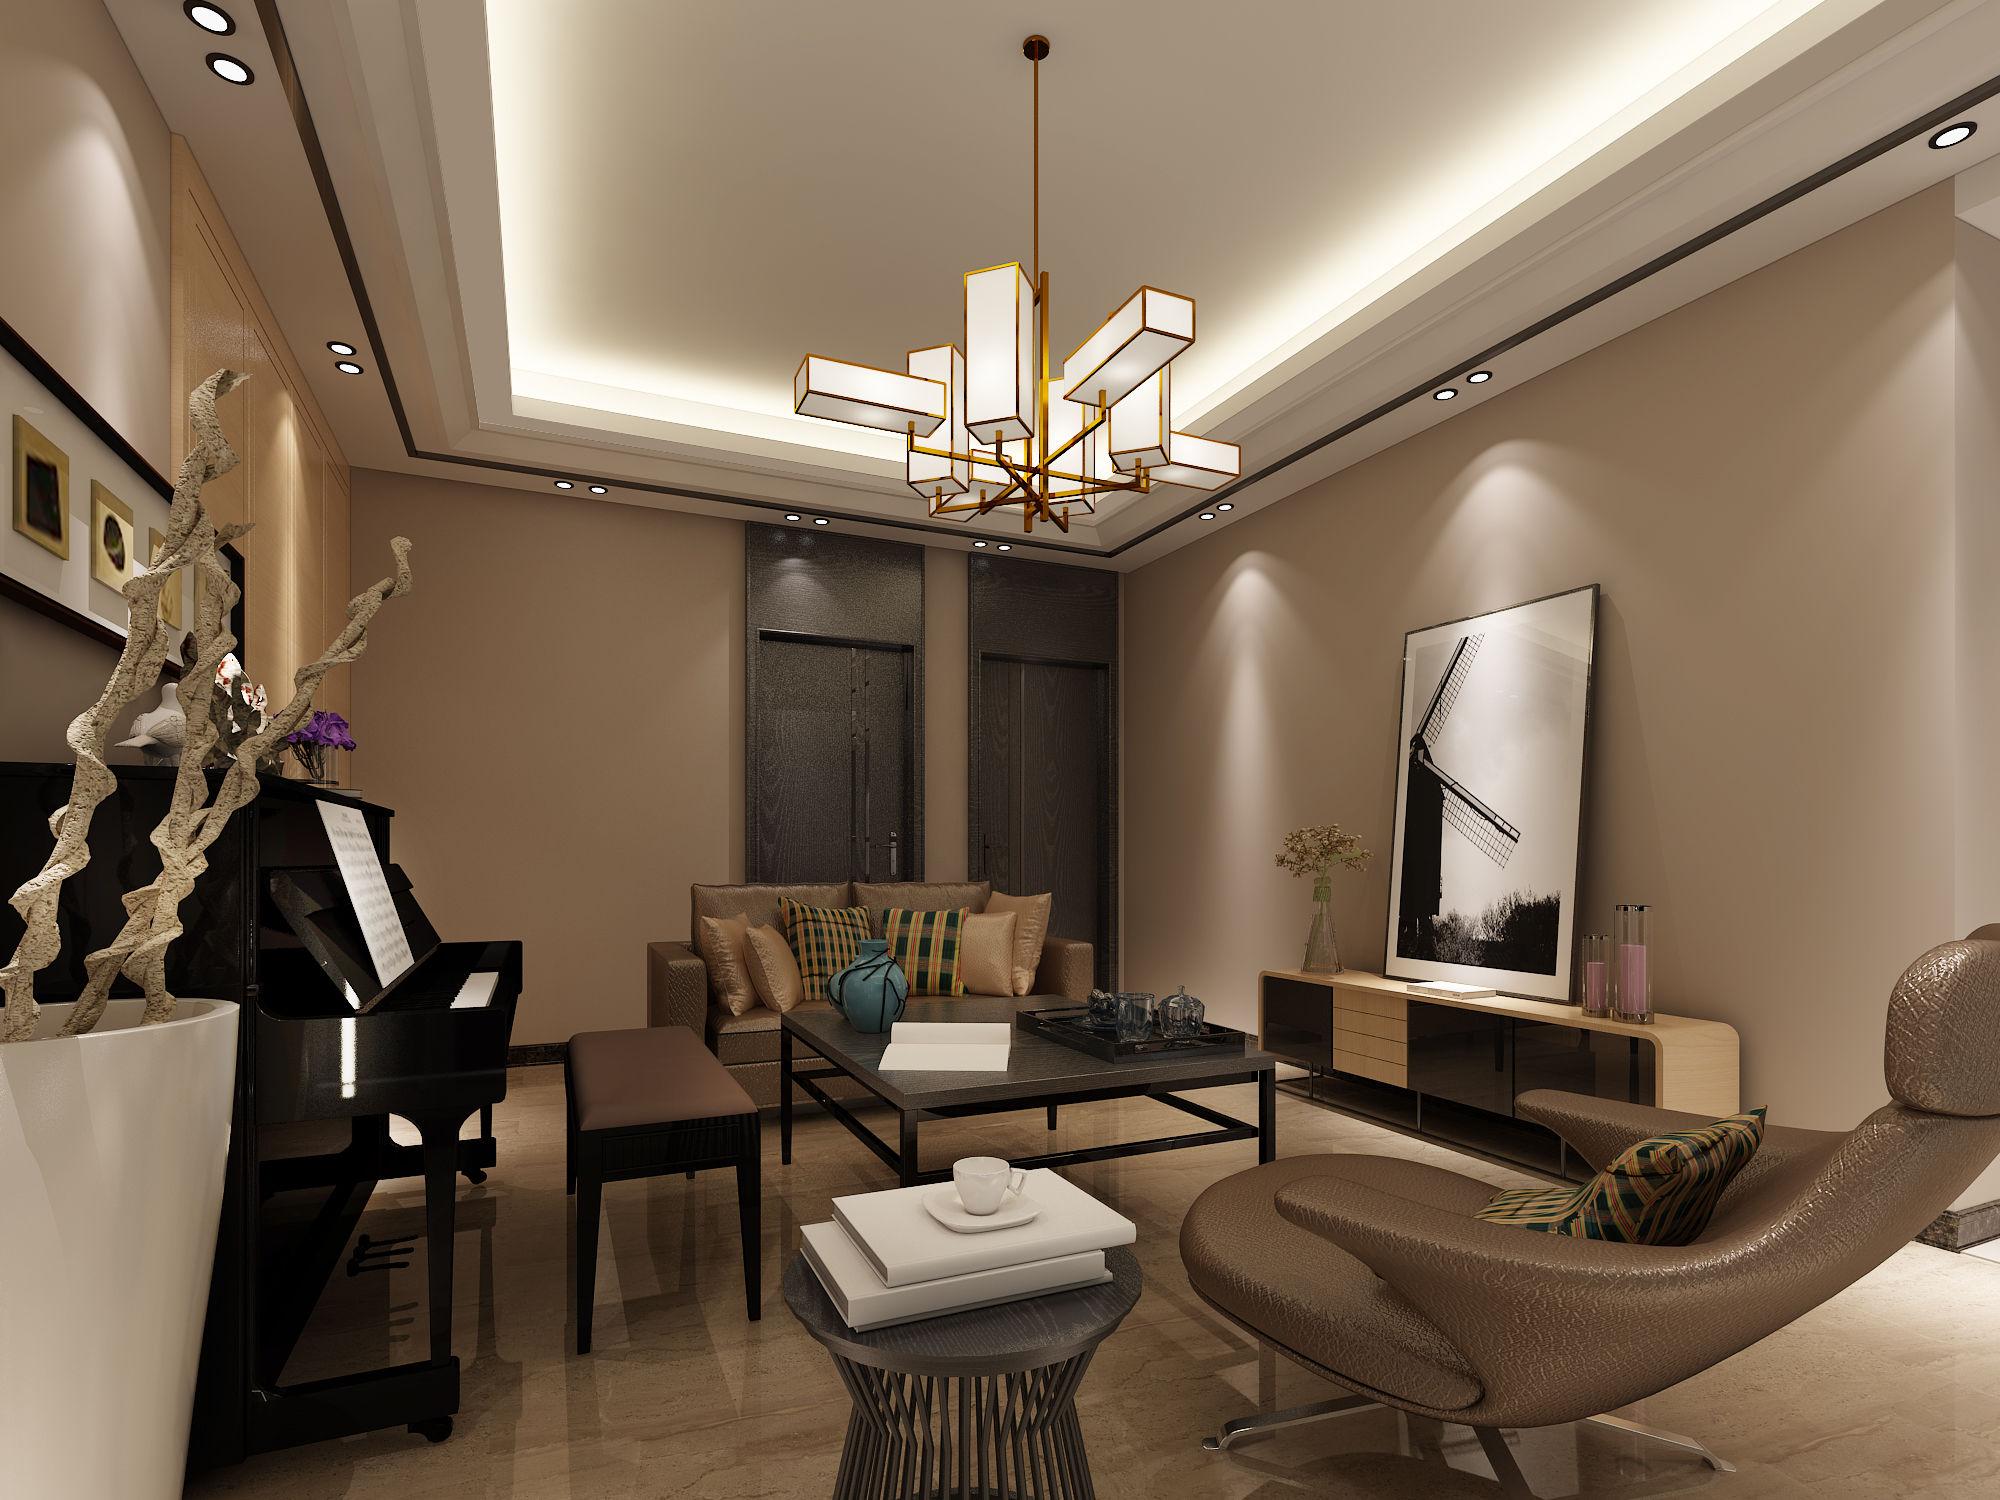 复式楼客厅挑空设计,后现代风格图片